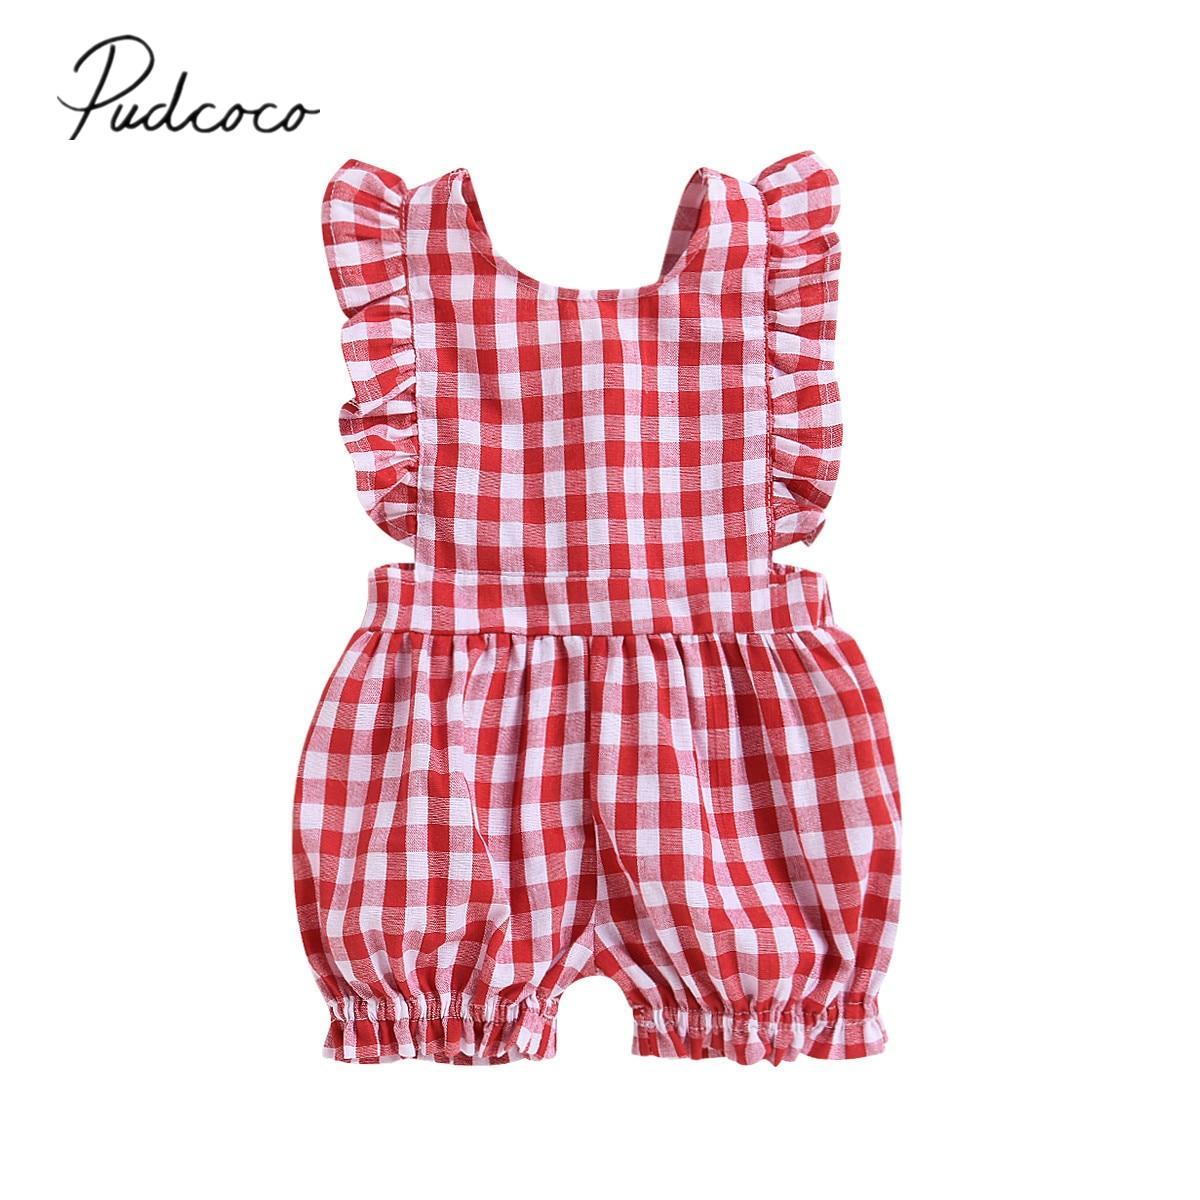 2018 Marke Neue Kleinkind Sommer Newborn Kid Baby Mädchen Säugling Plaid Romper Overall Überprüft Kleidung Outfit Backless Sunsuit 0- 24 Mt